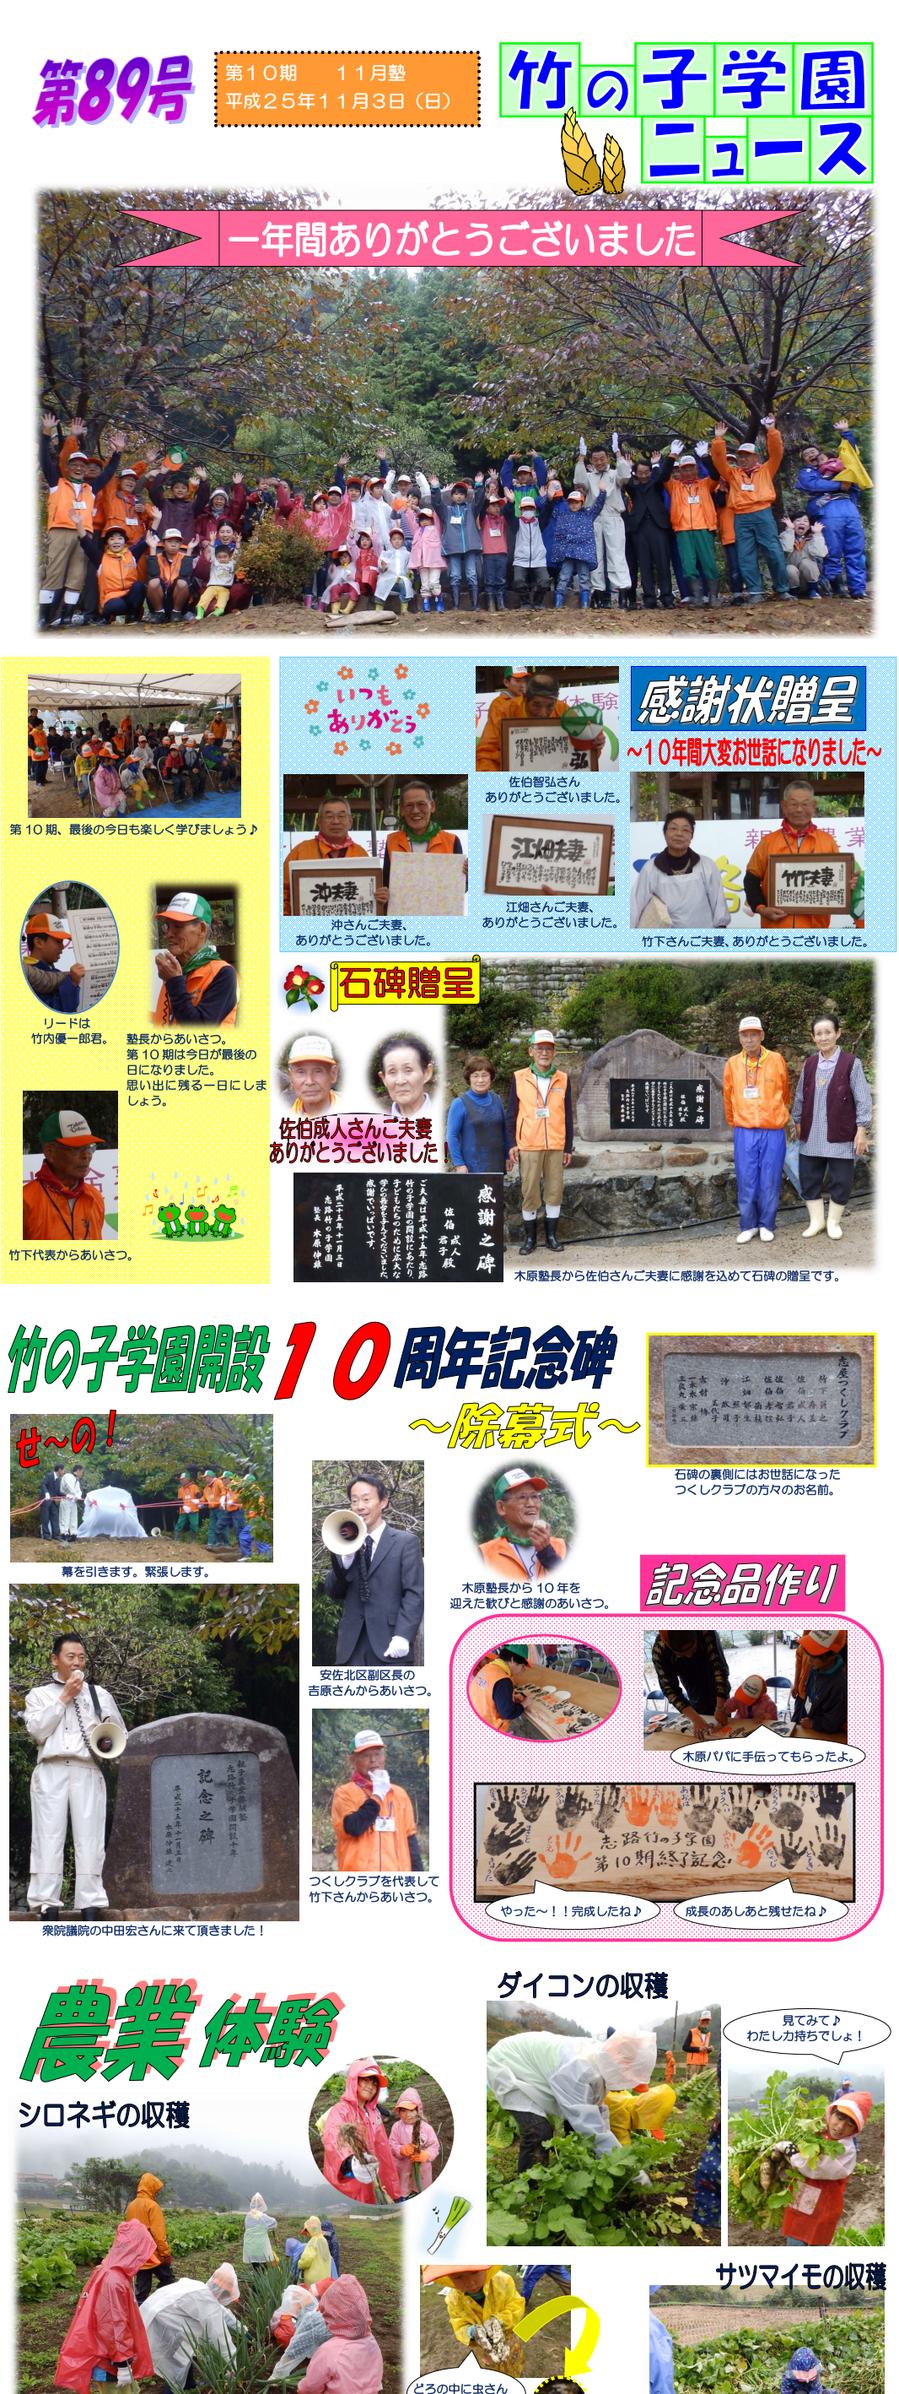 竹の子学園ニュース89号